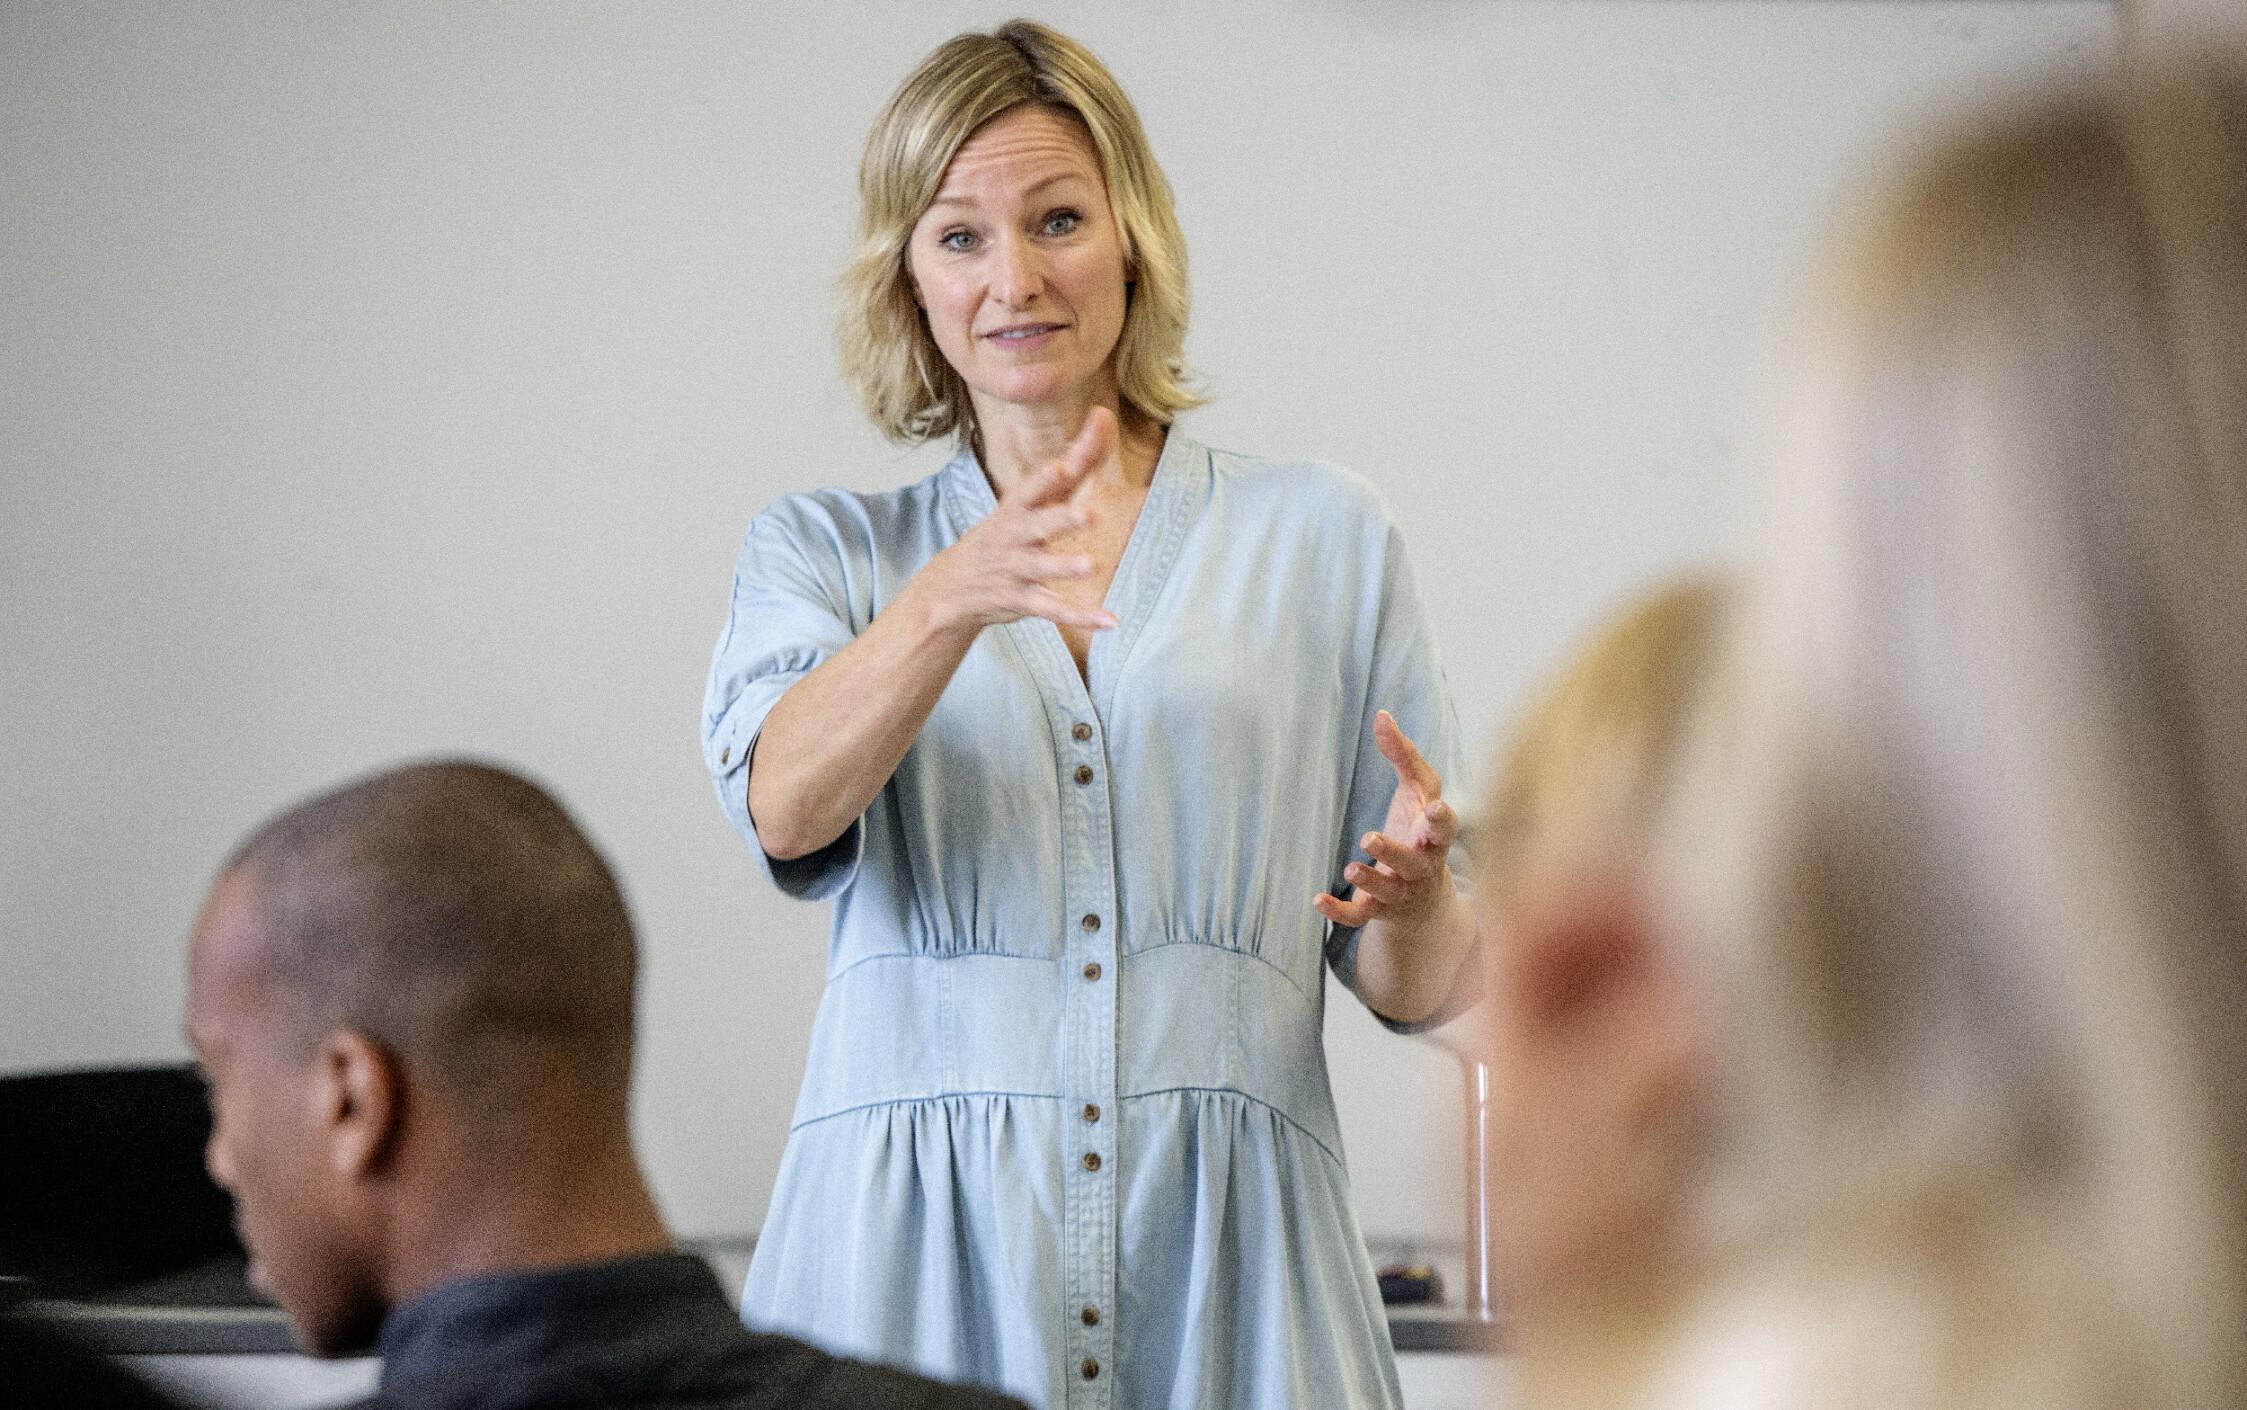 ET VERKTØY: Massetesting er et verktøy på vei mot full vaksinedekning, mener Inga Marte Thorkildsen. Foto: Nina Hansen / DAGBLADET